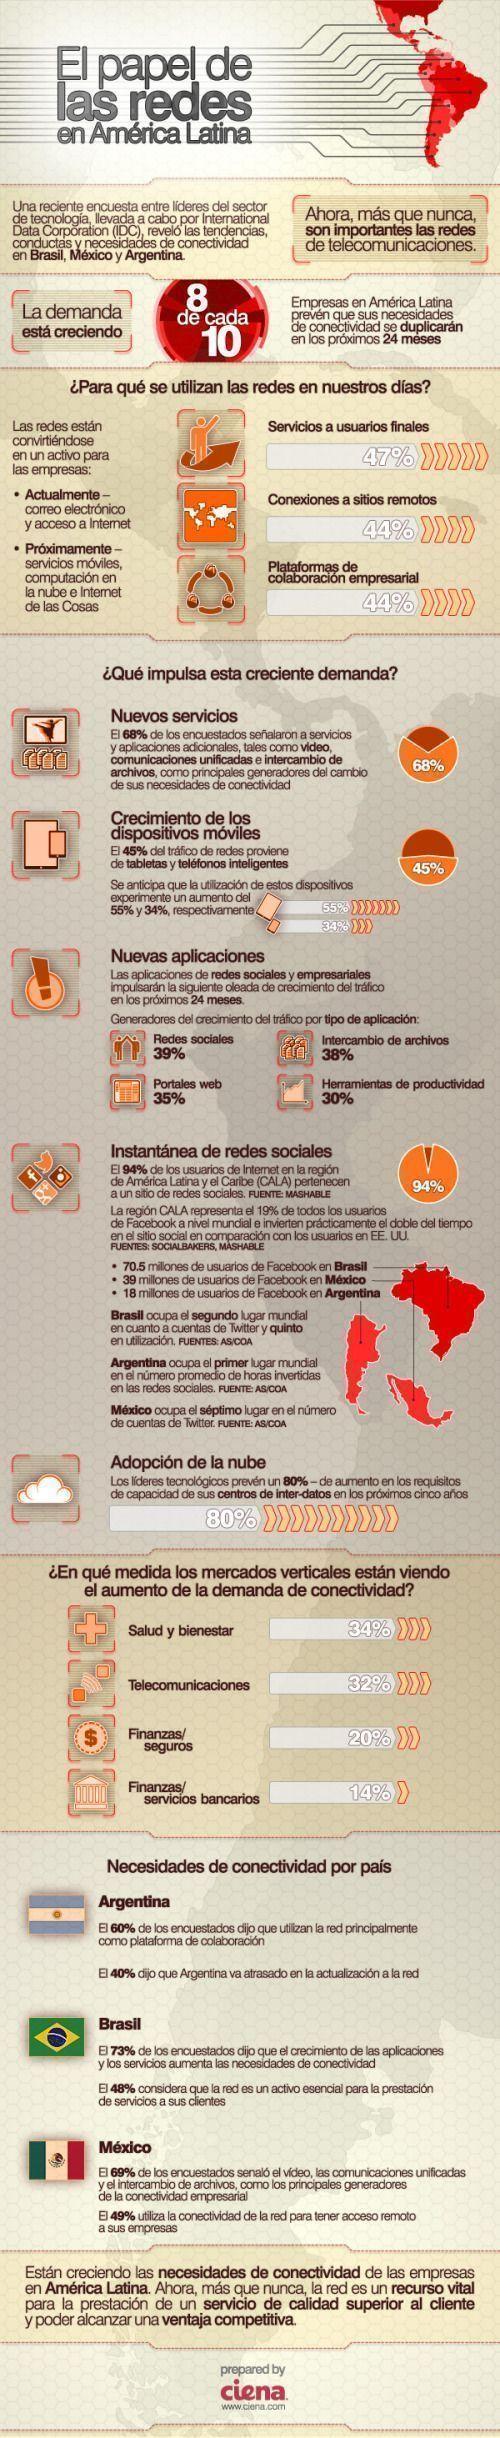 redes sociales en america latina